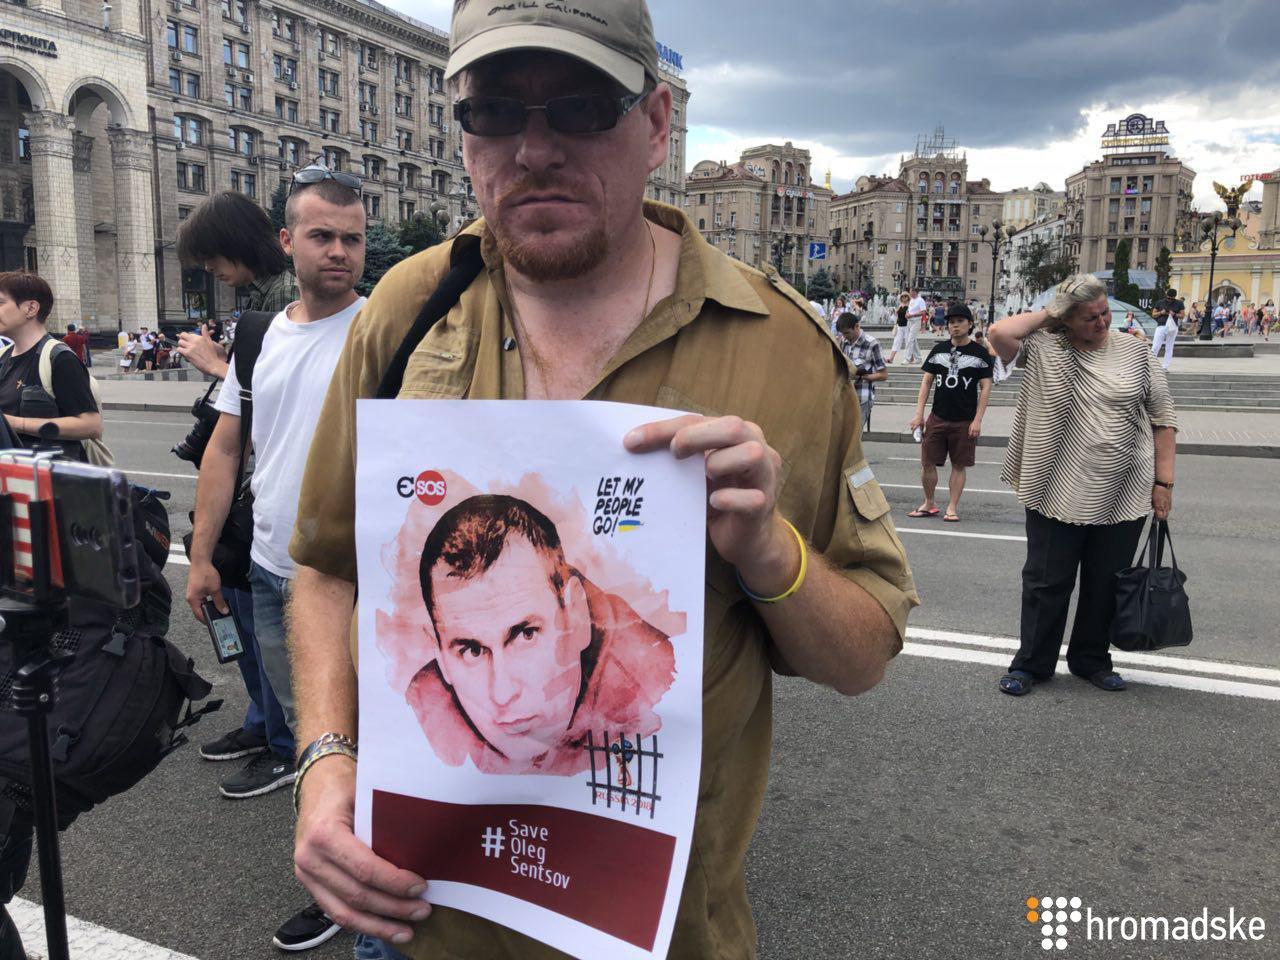 У Києві на Майдані Незалежності провели акцію на підтримку Сенцова та інших політв'язнів